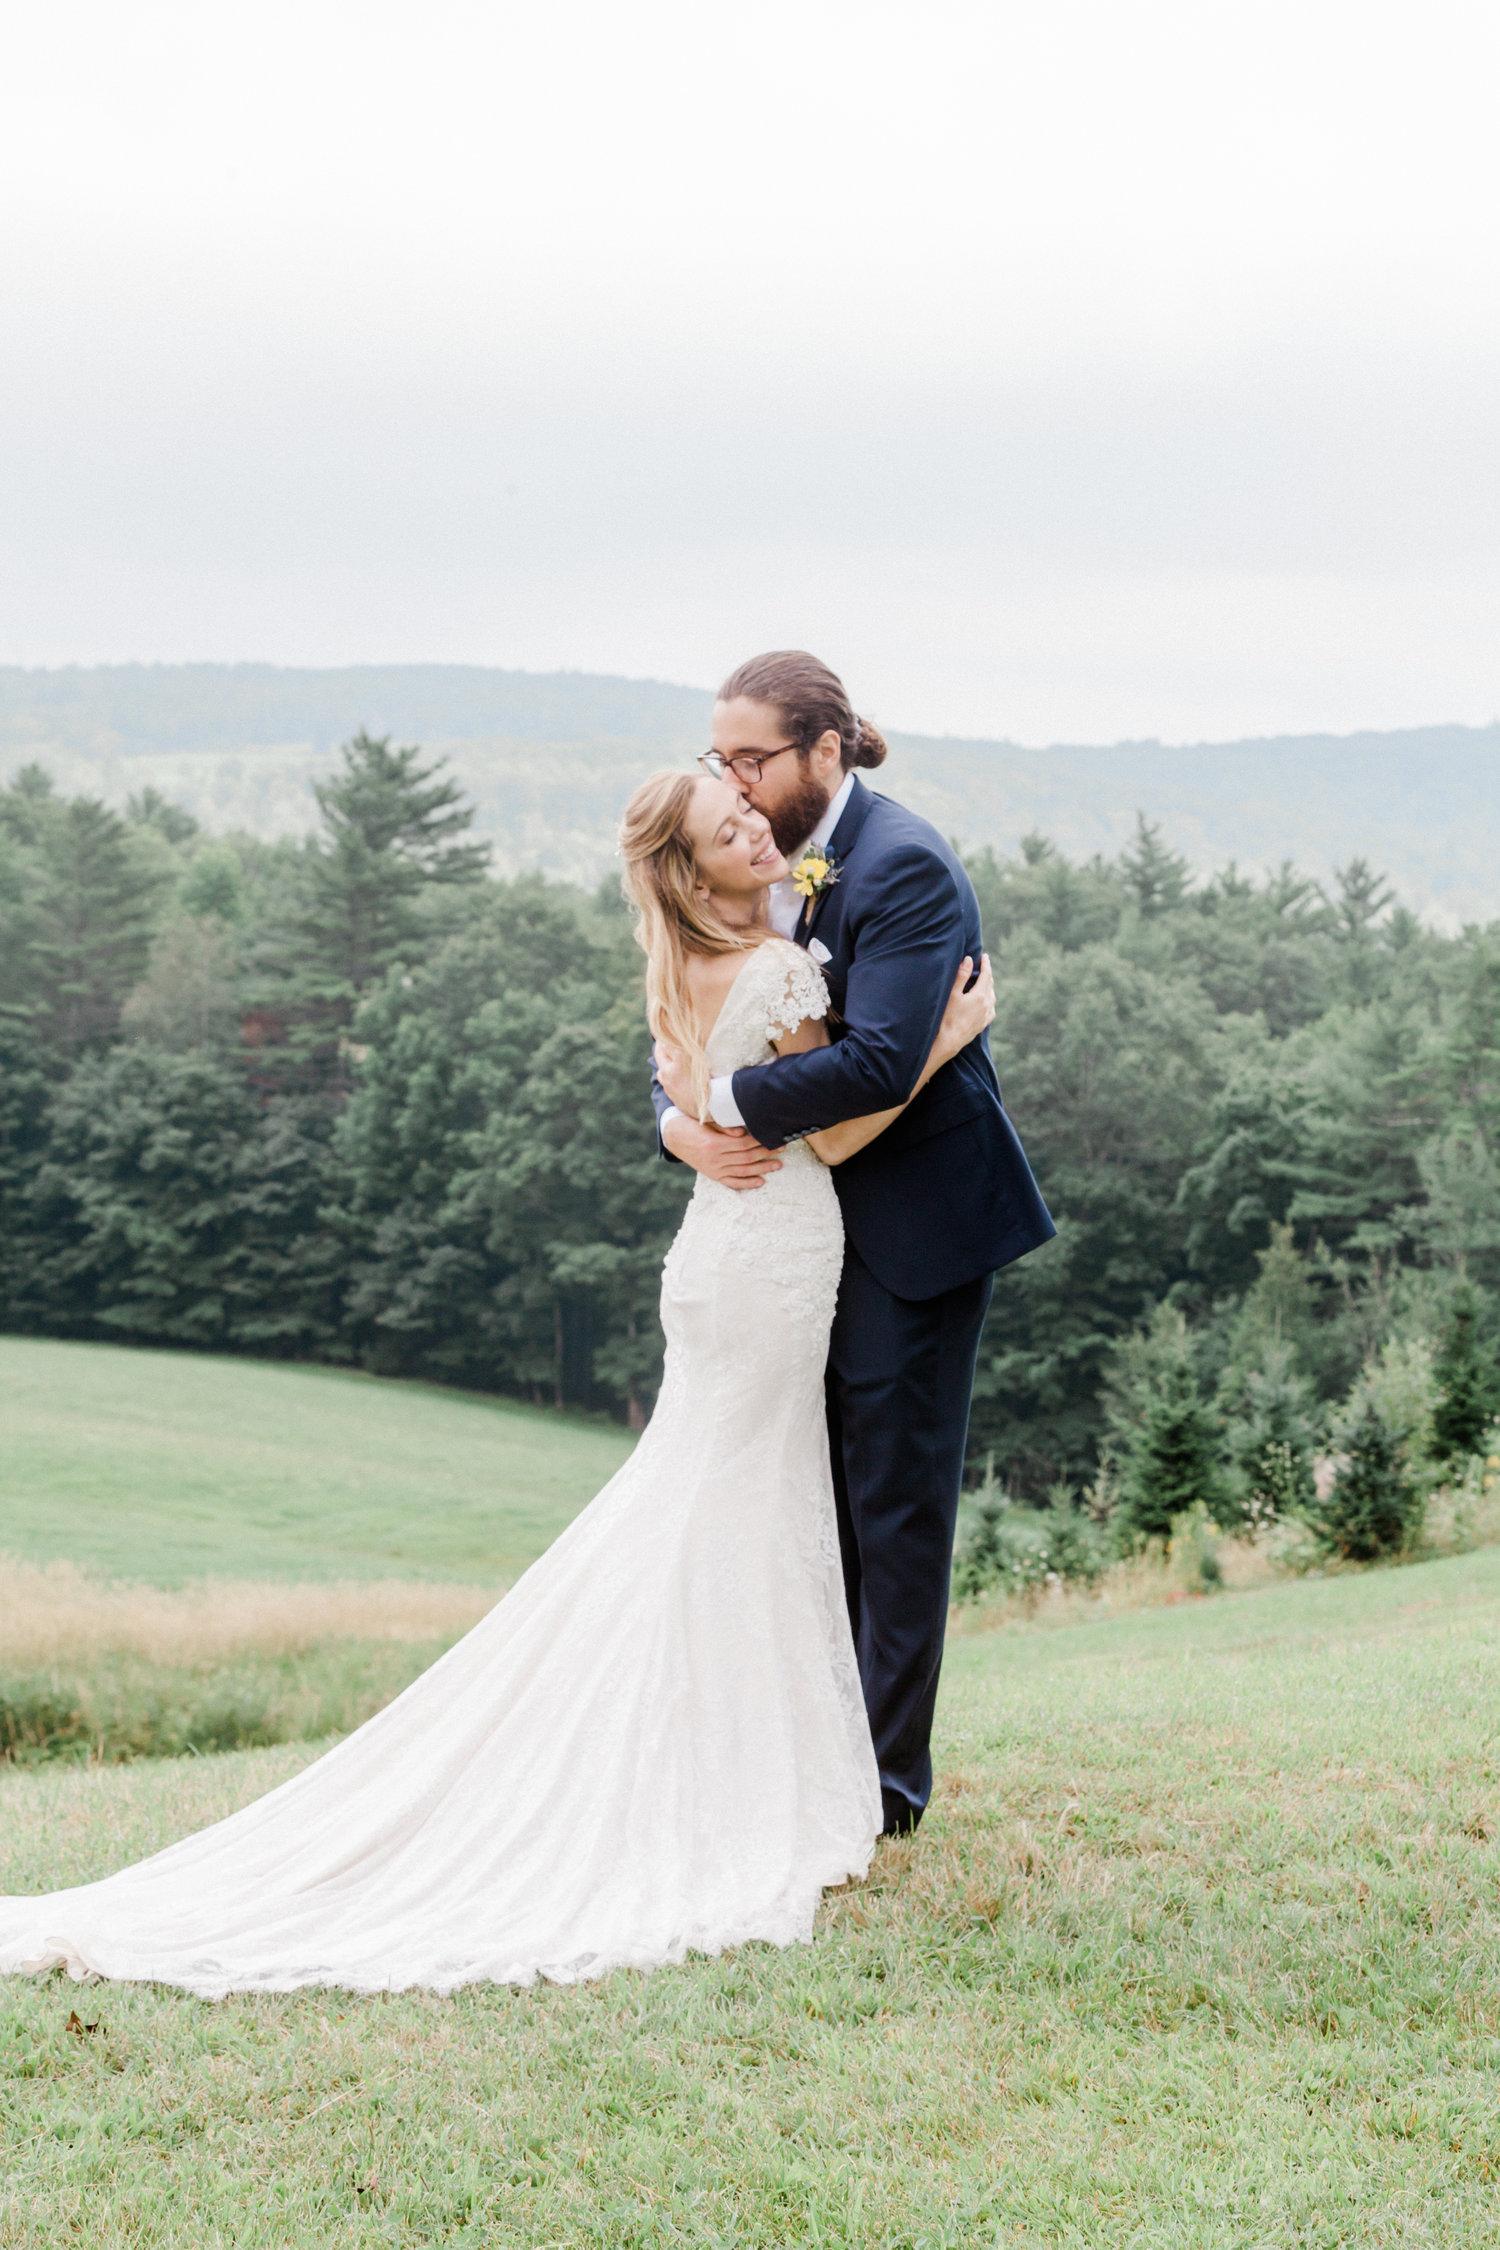 Alison & Jeff - Julie Surette Photography